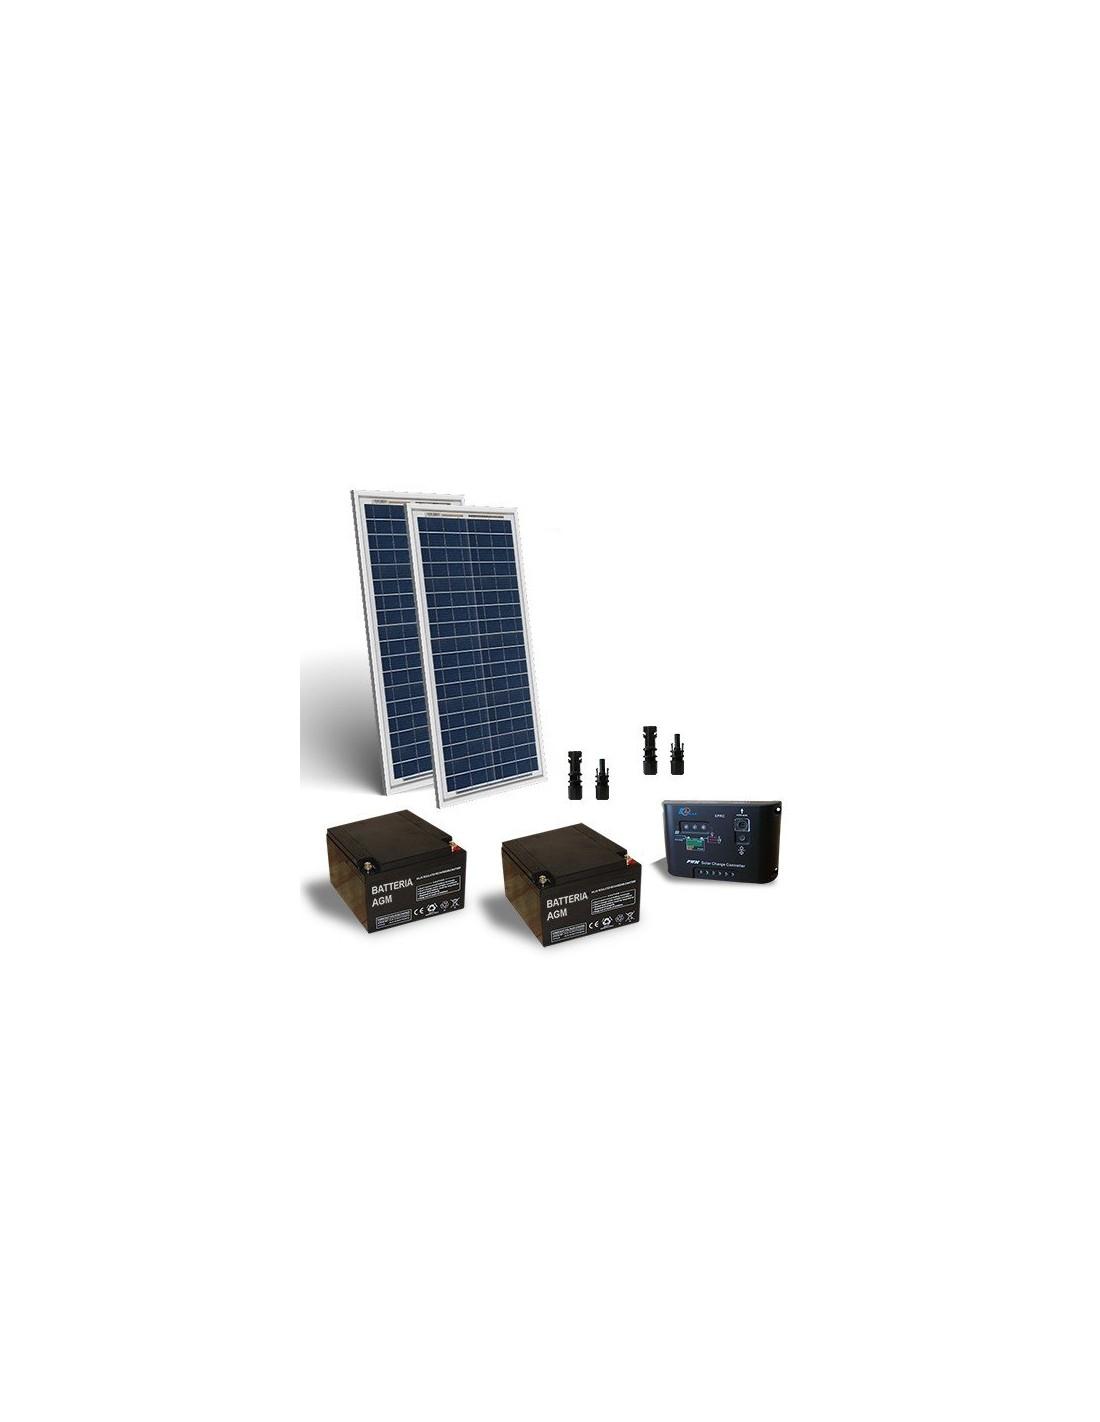 Kit Pannello Solare Con Regolatore Di Carica : Kit cancelli elettrici w regolatore pannello fotovoltaico